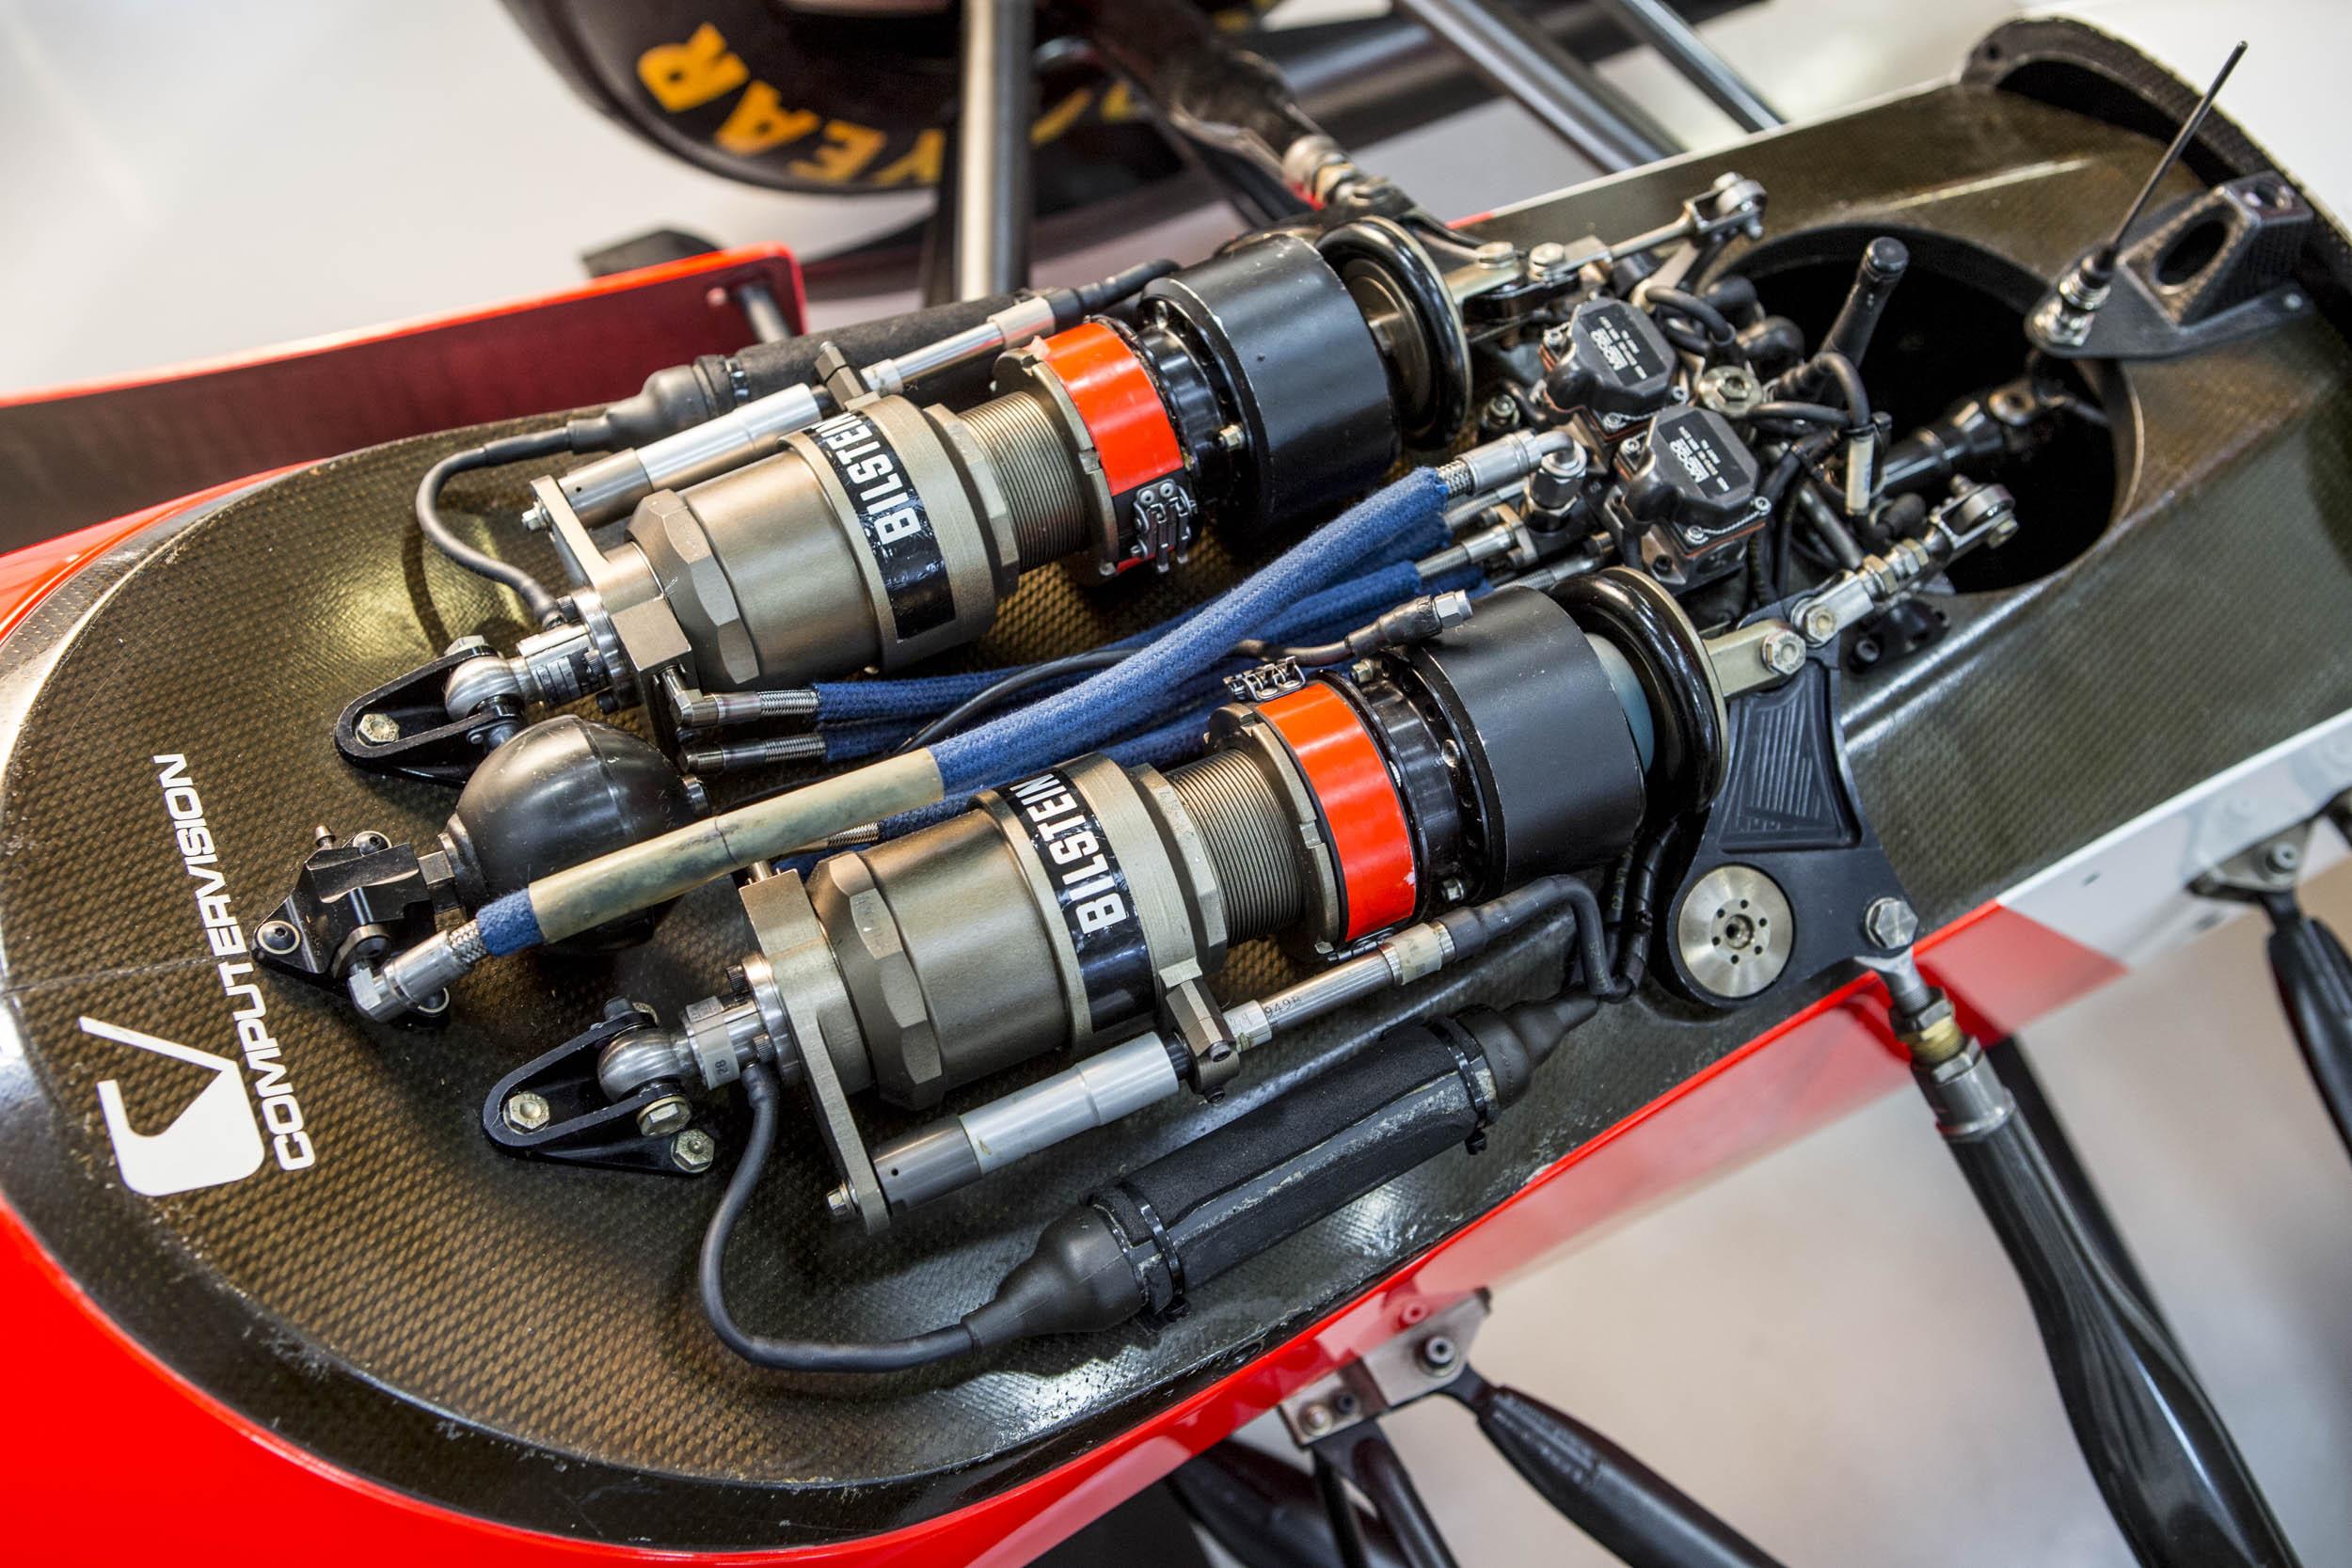 1993 McLaren MP4/8A engine parts